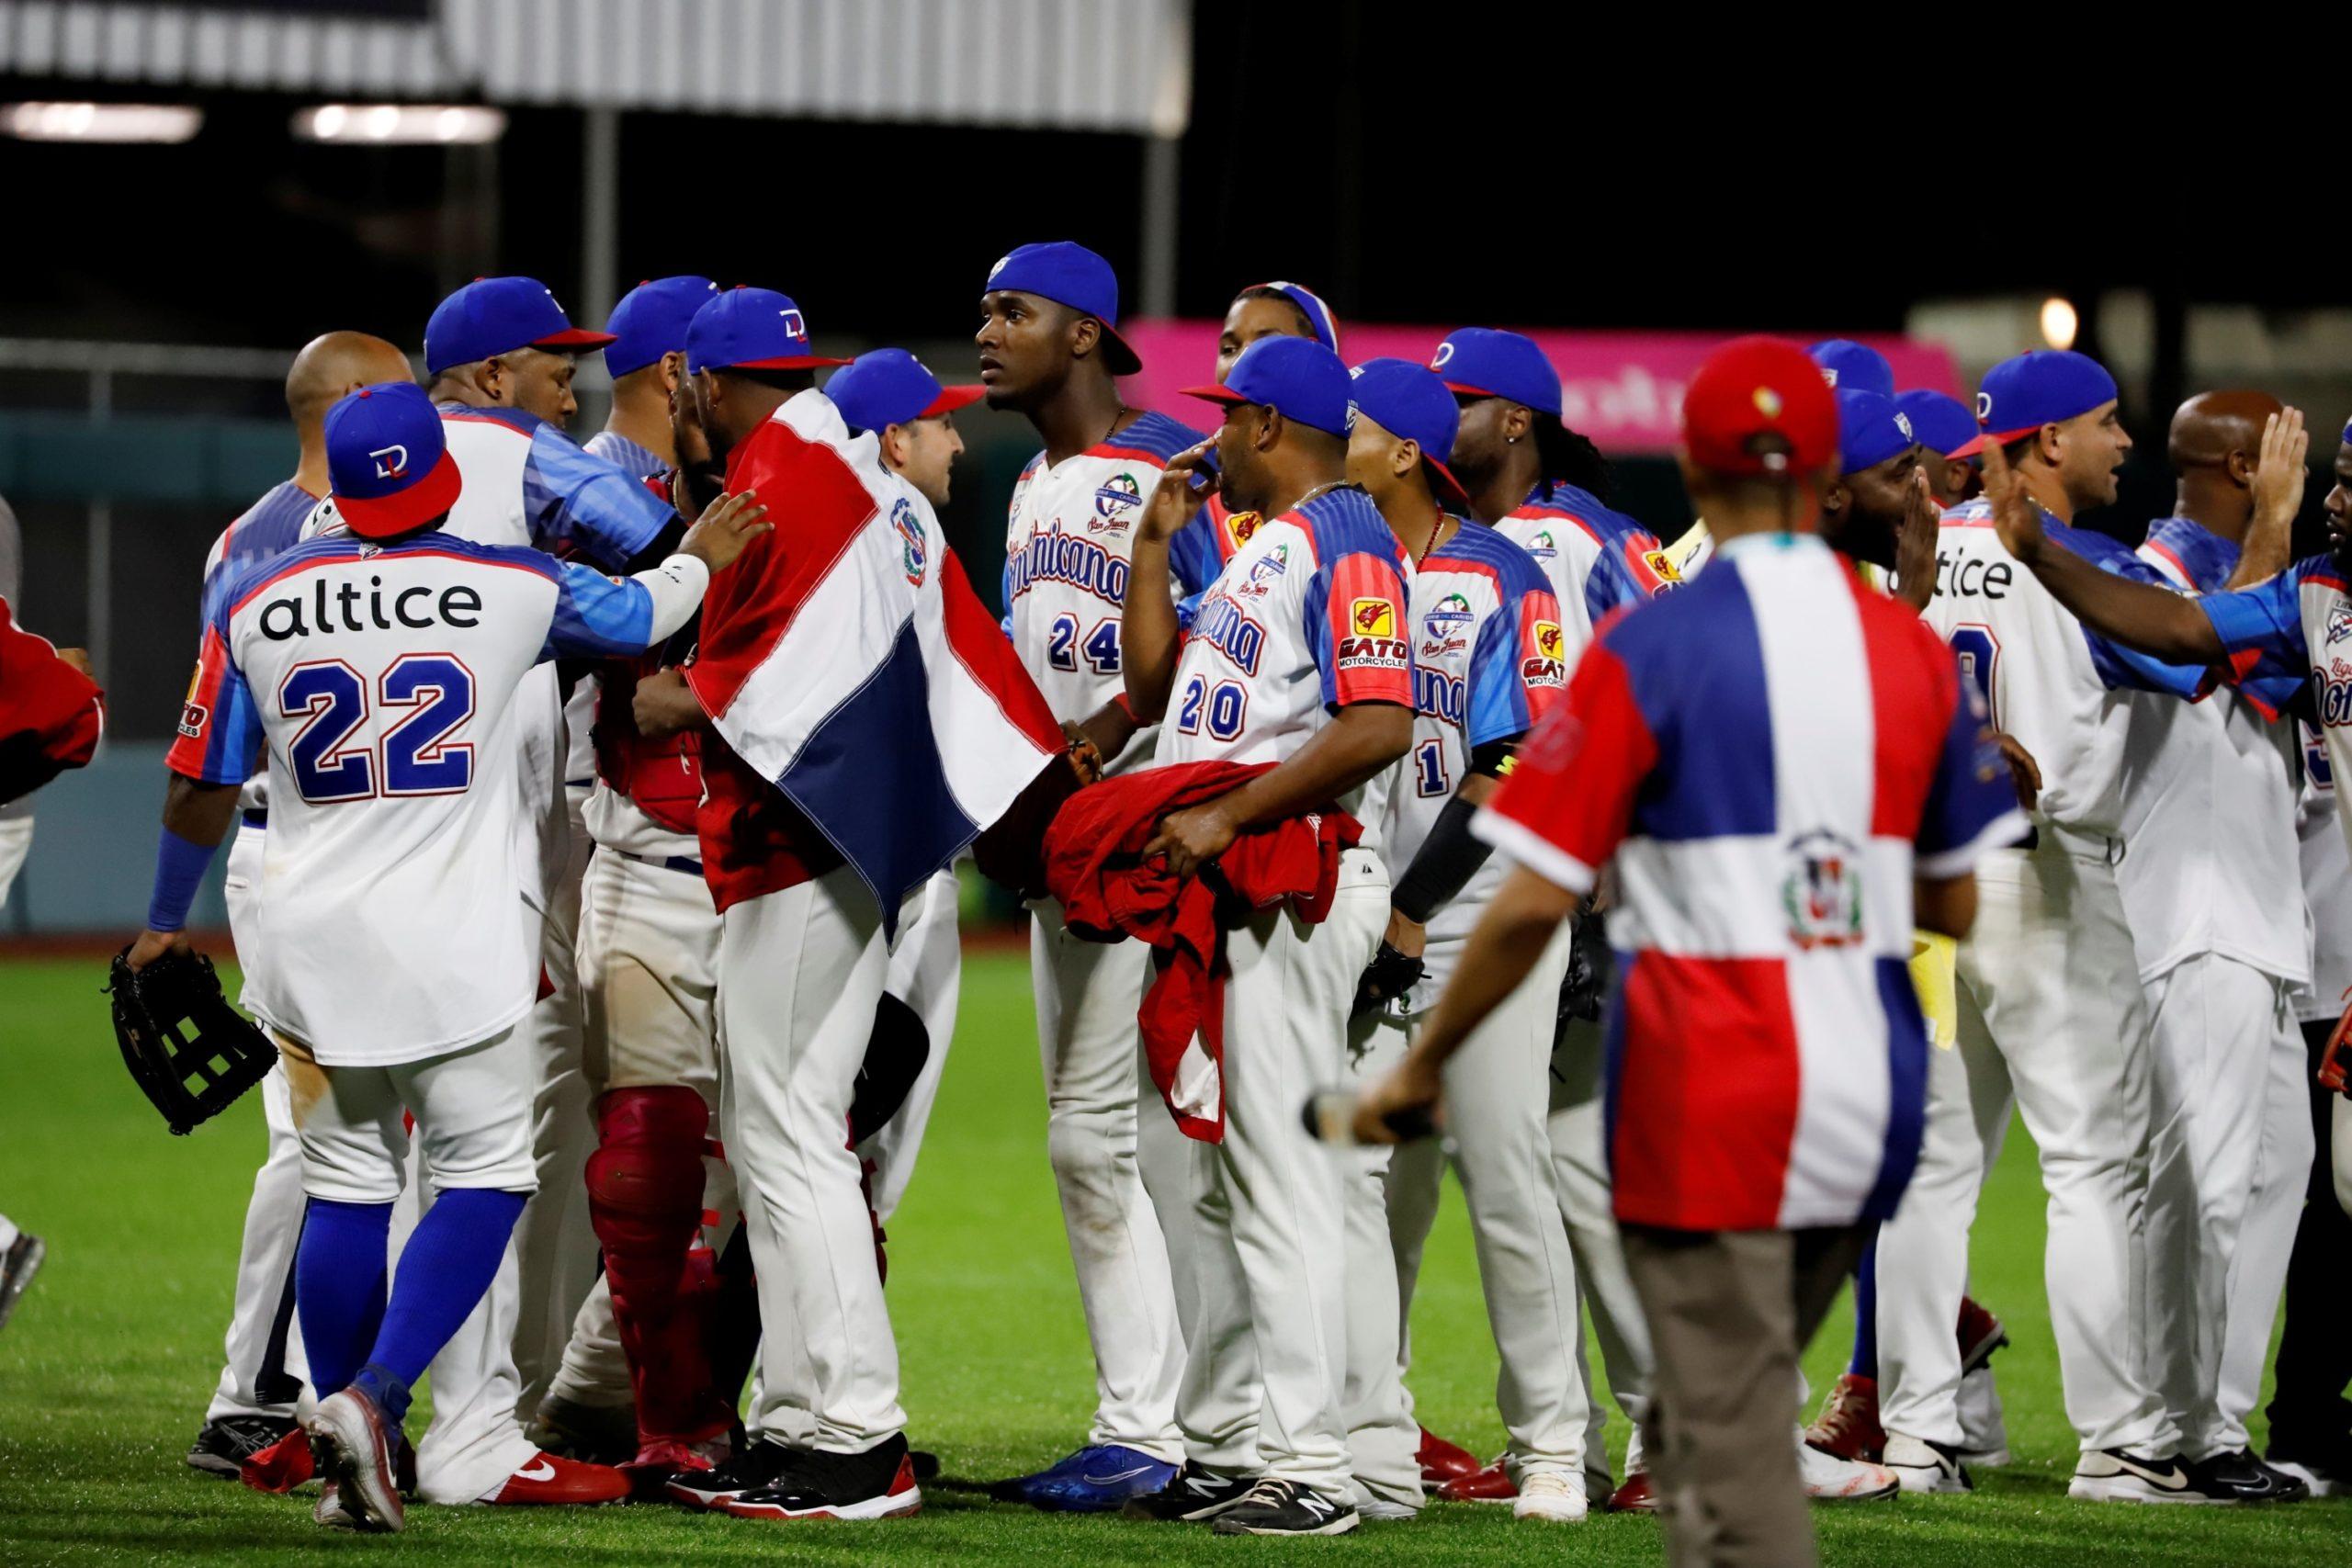 Resultado de imagen para republica dominicana campeones de la serie del caribe